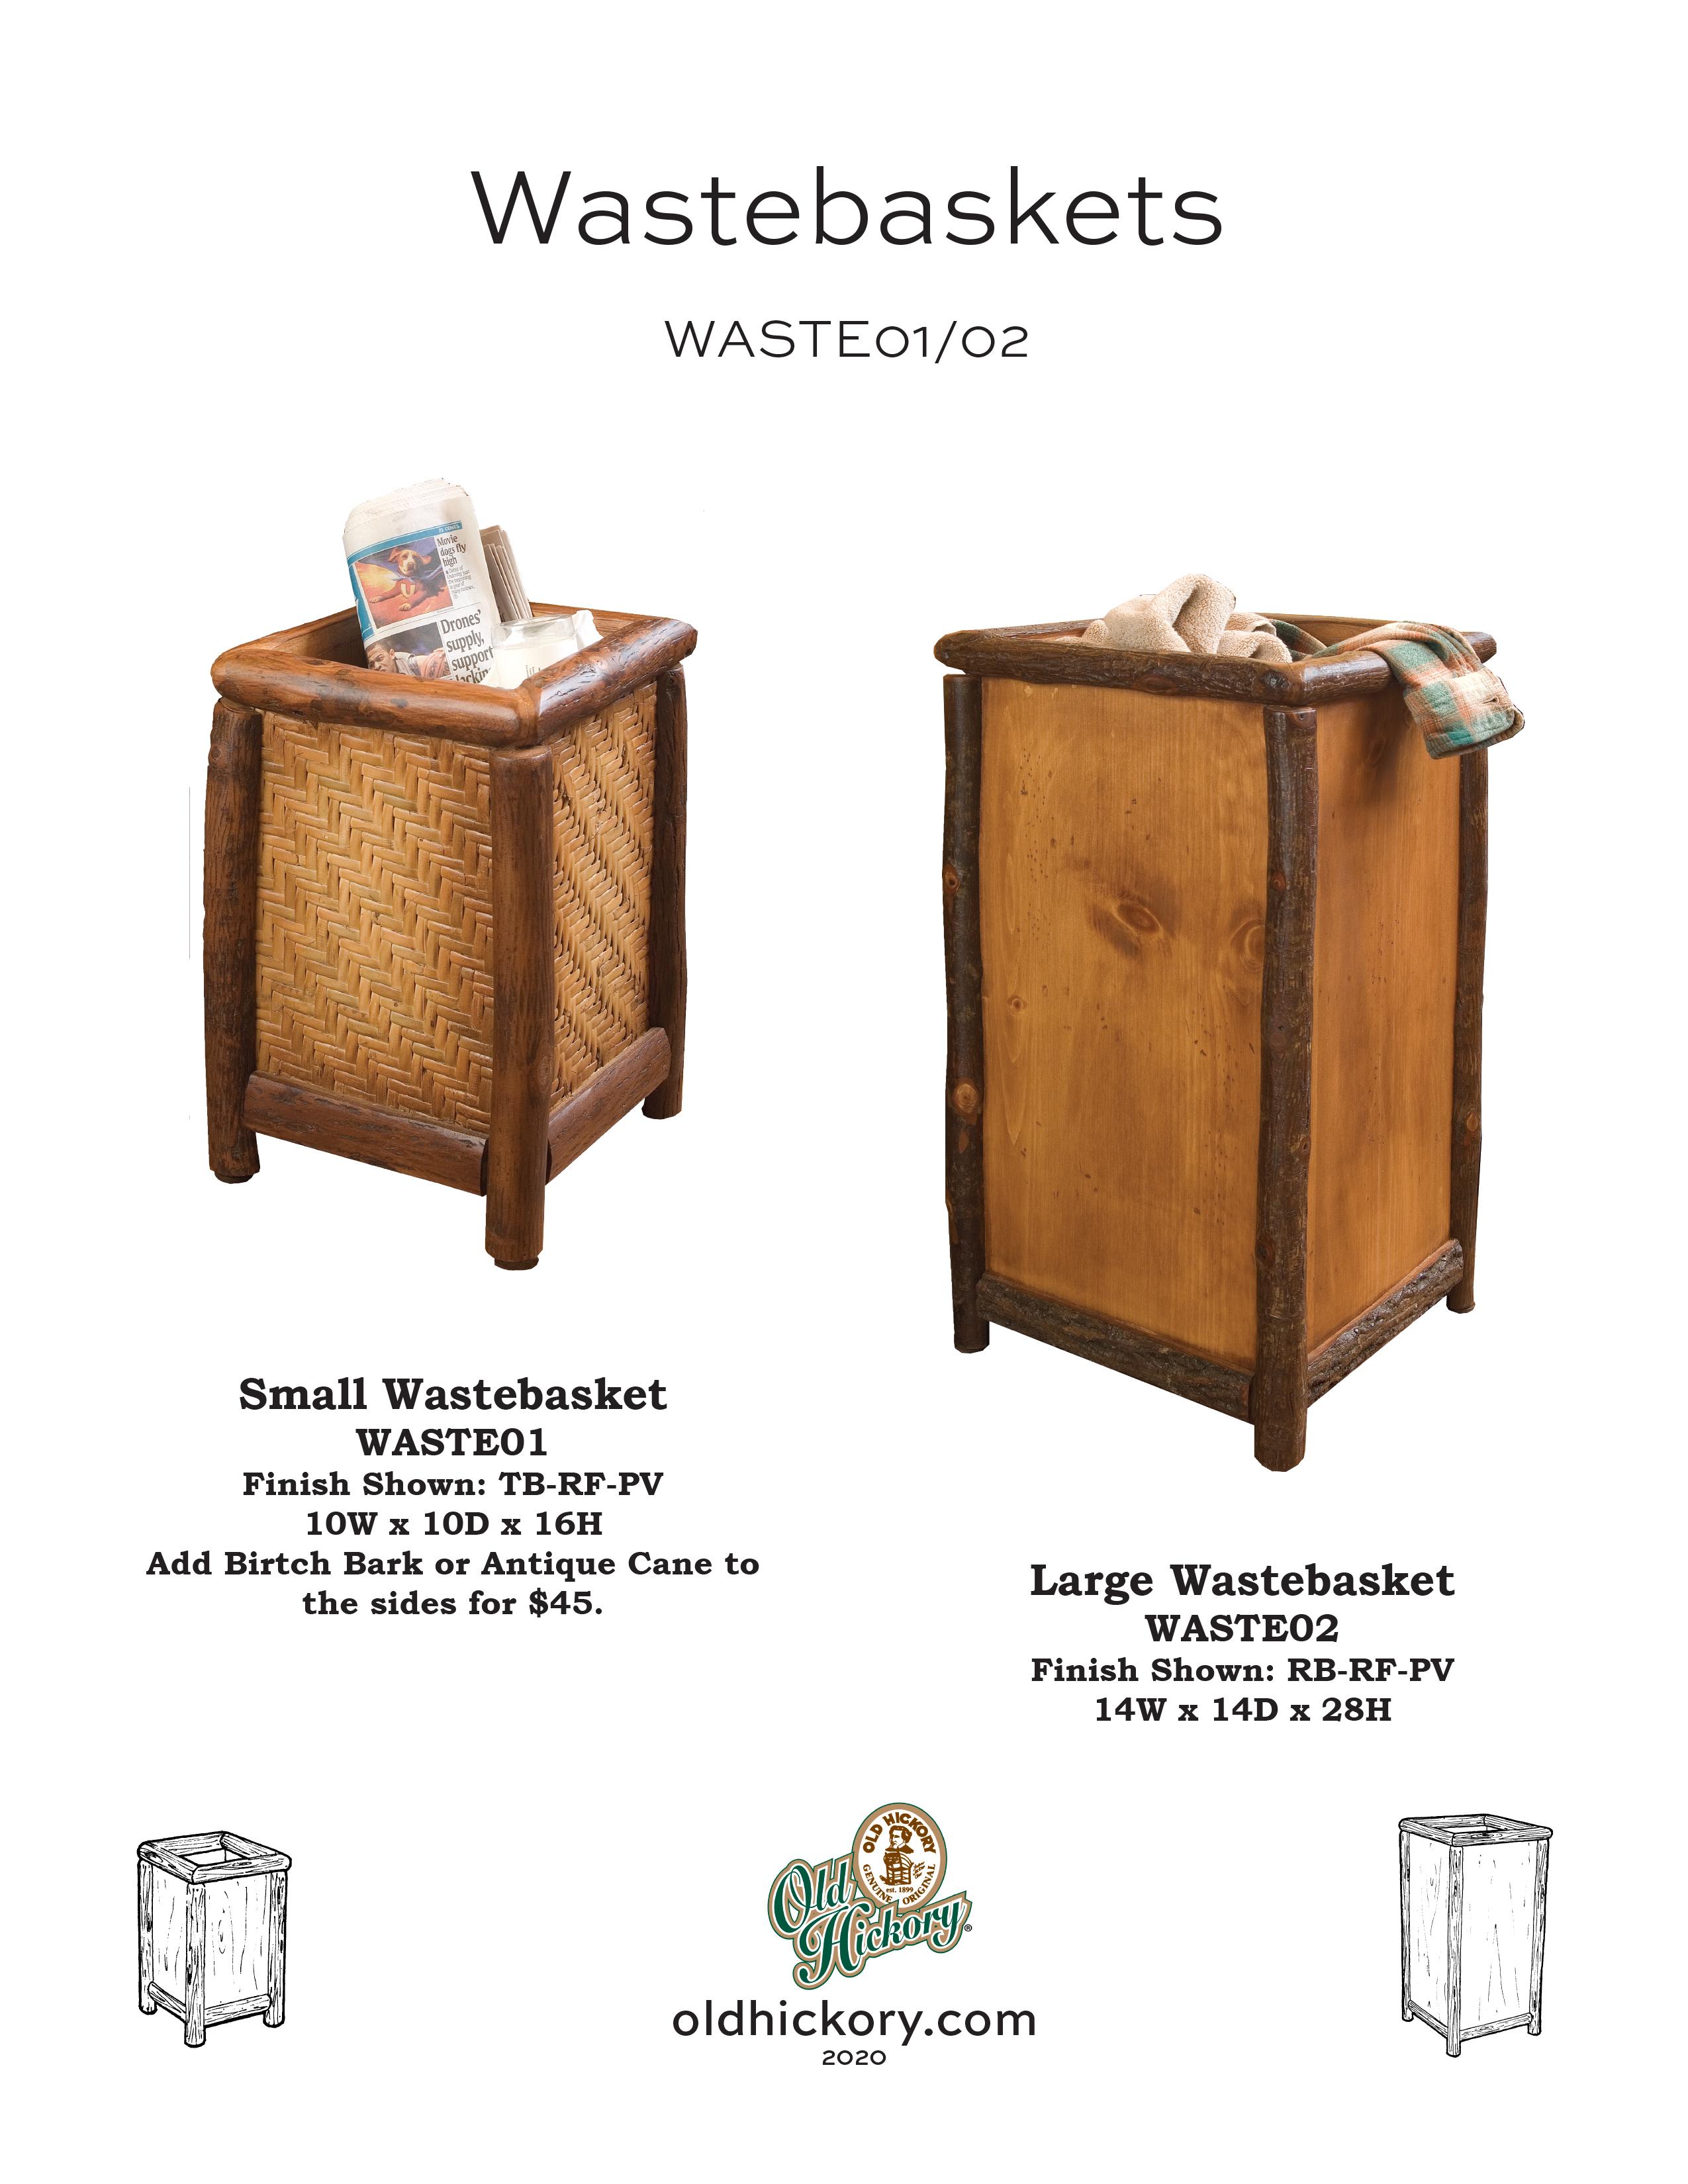 WASTE01 & WASTE02